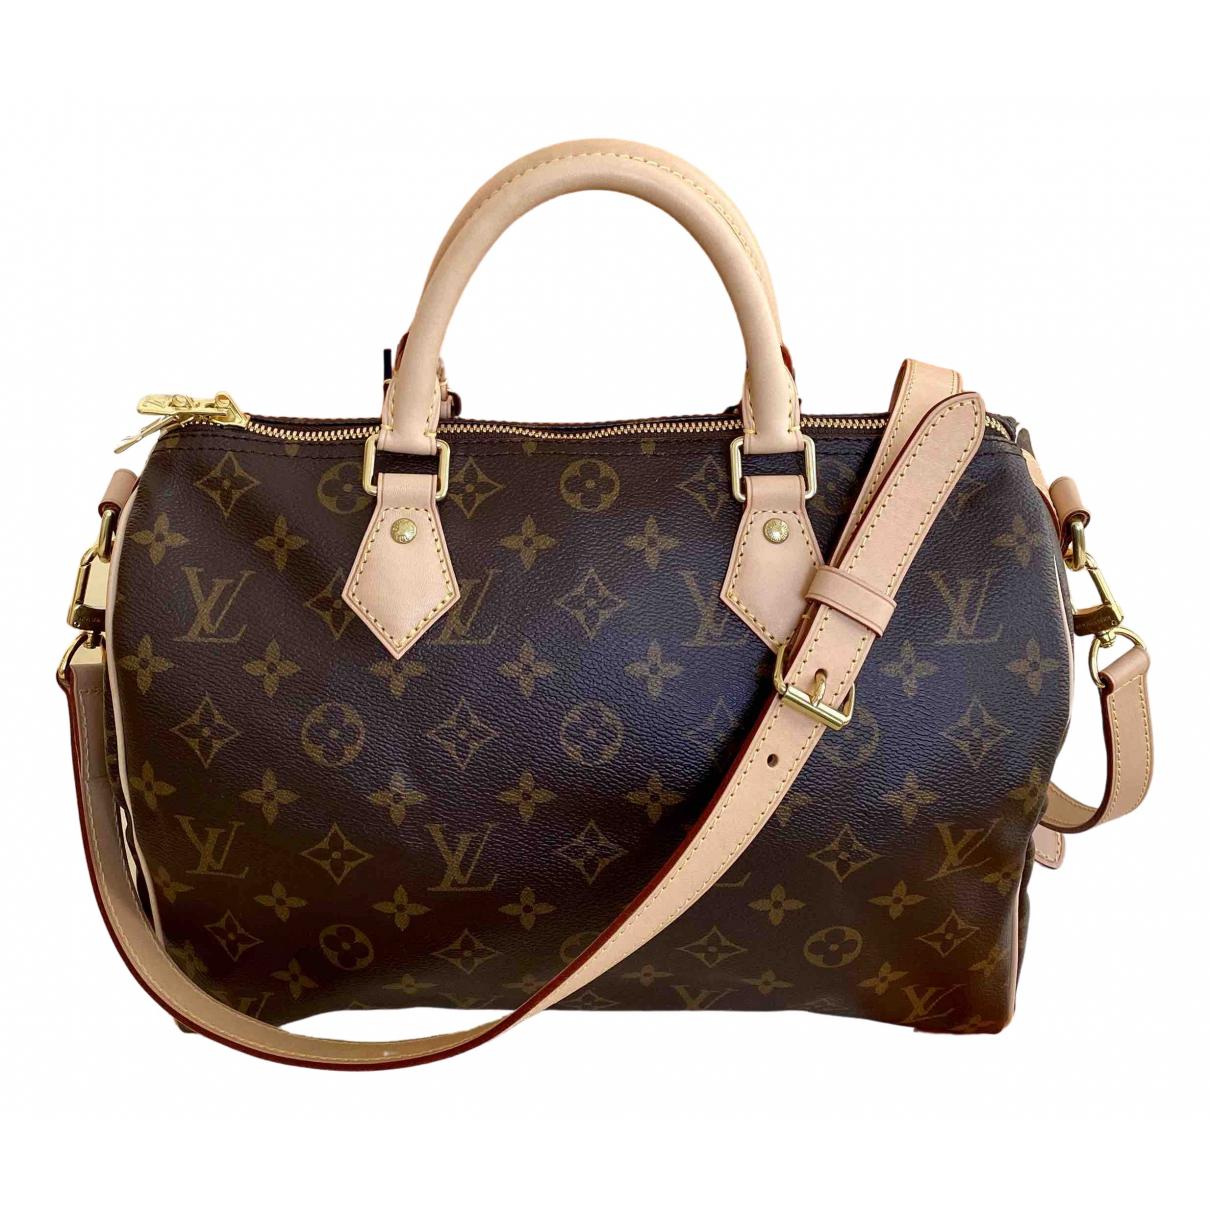 Louis Vuitton Speedy Bandouliere Handtasche in  Braun Leinen